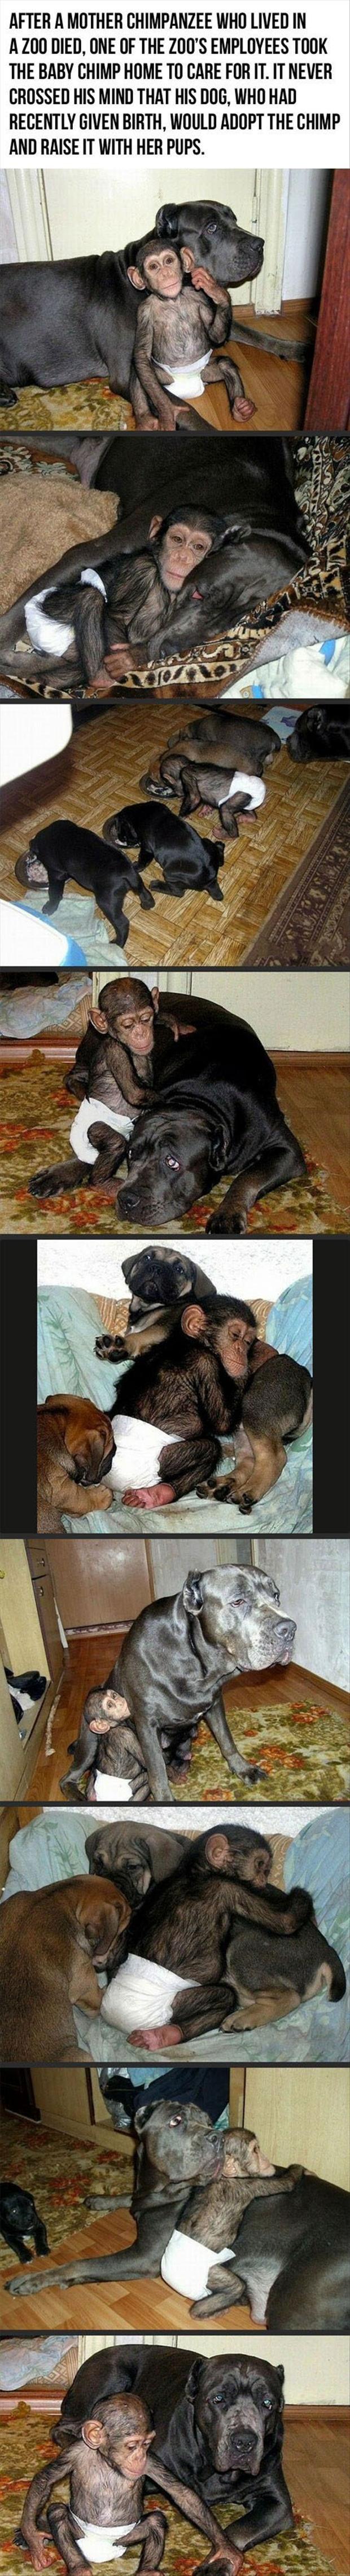 dog raises chimp